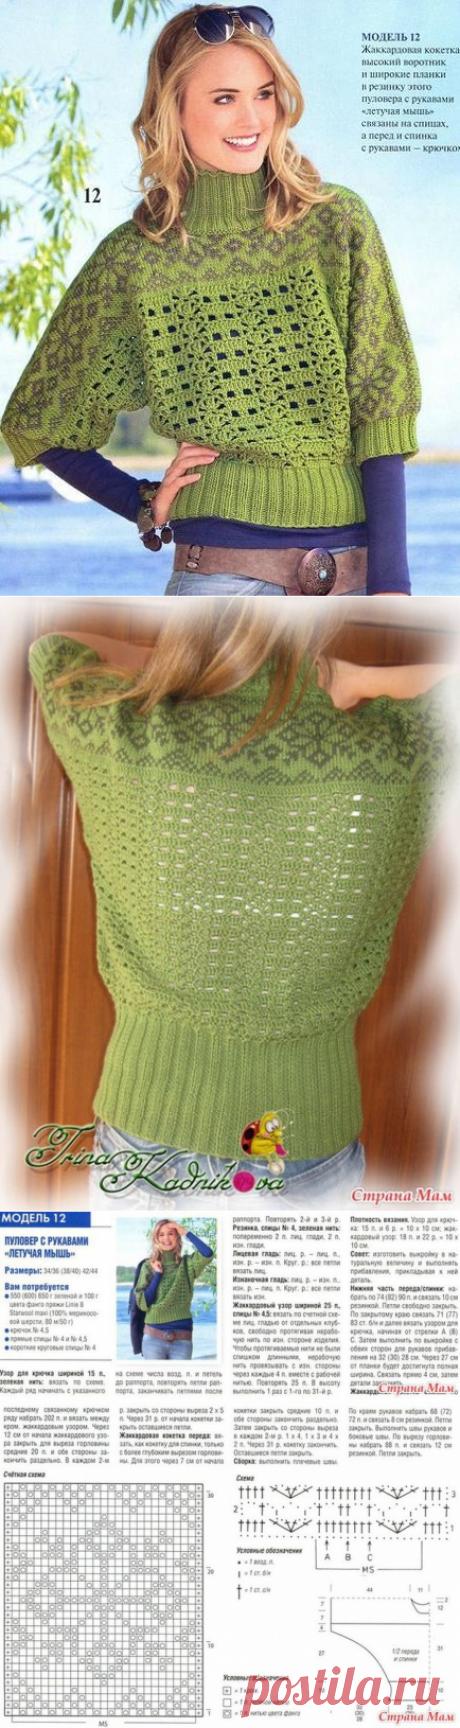 Вязаный свитер с горлом. Вязаные женские свитера со схемами |